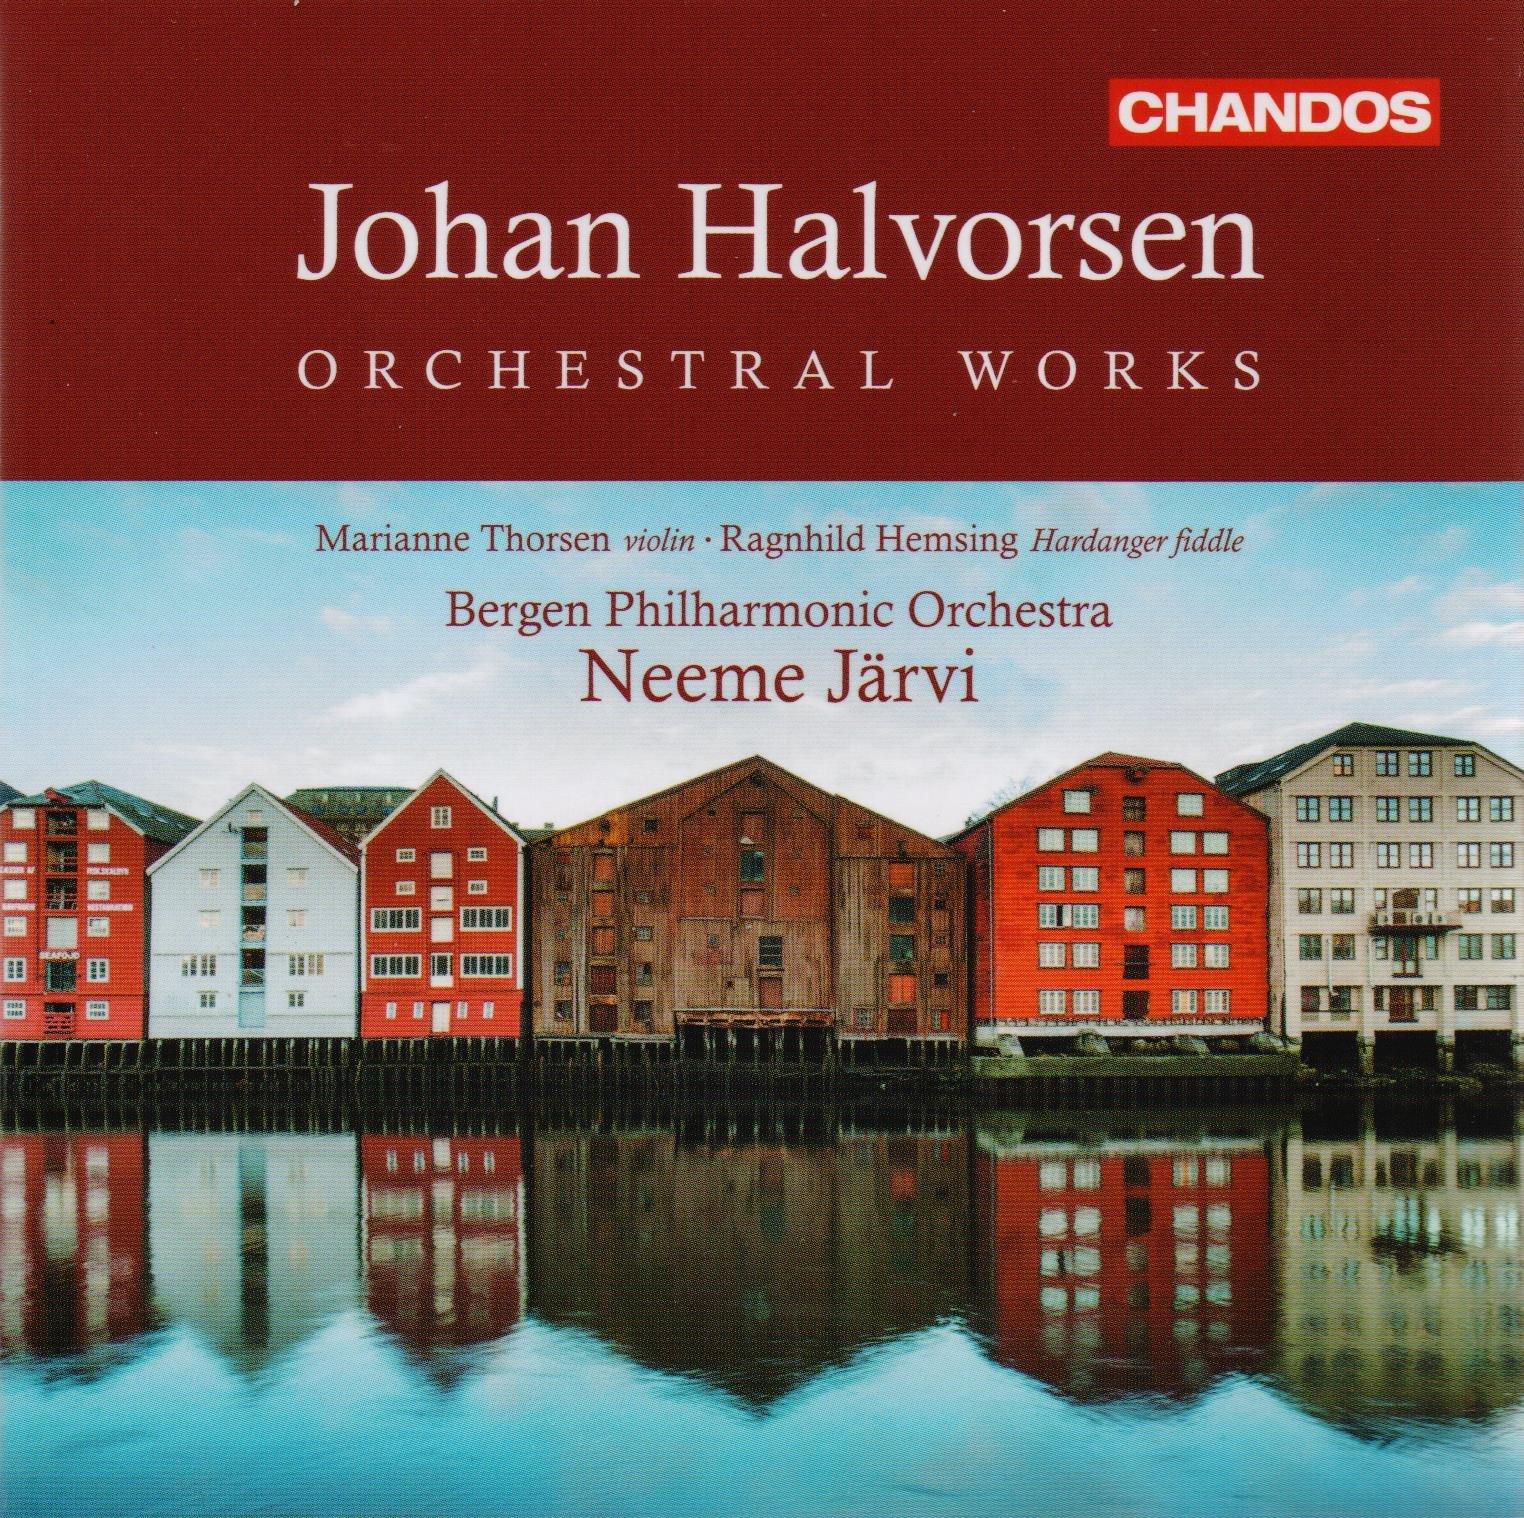 Halvorsen: Orchestral Works by Chandos